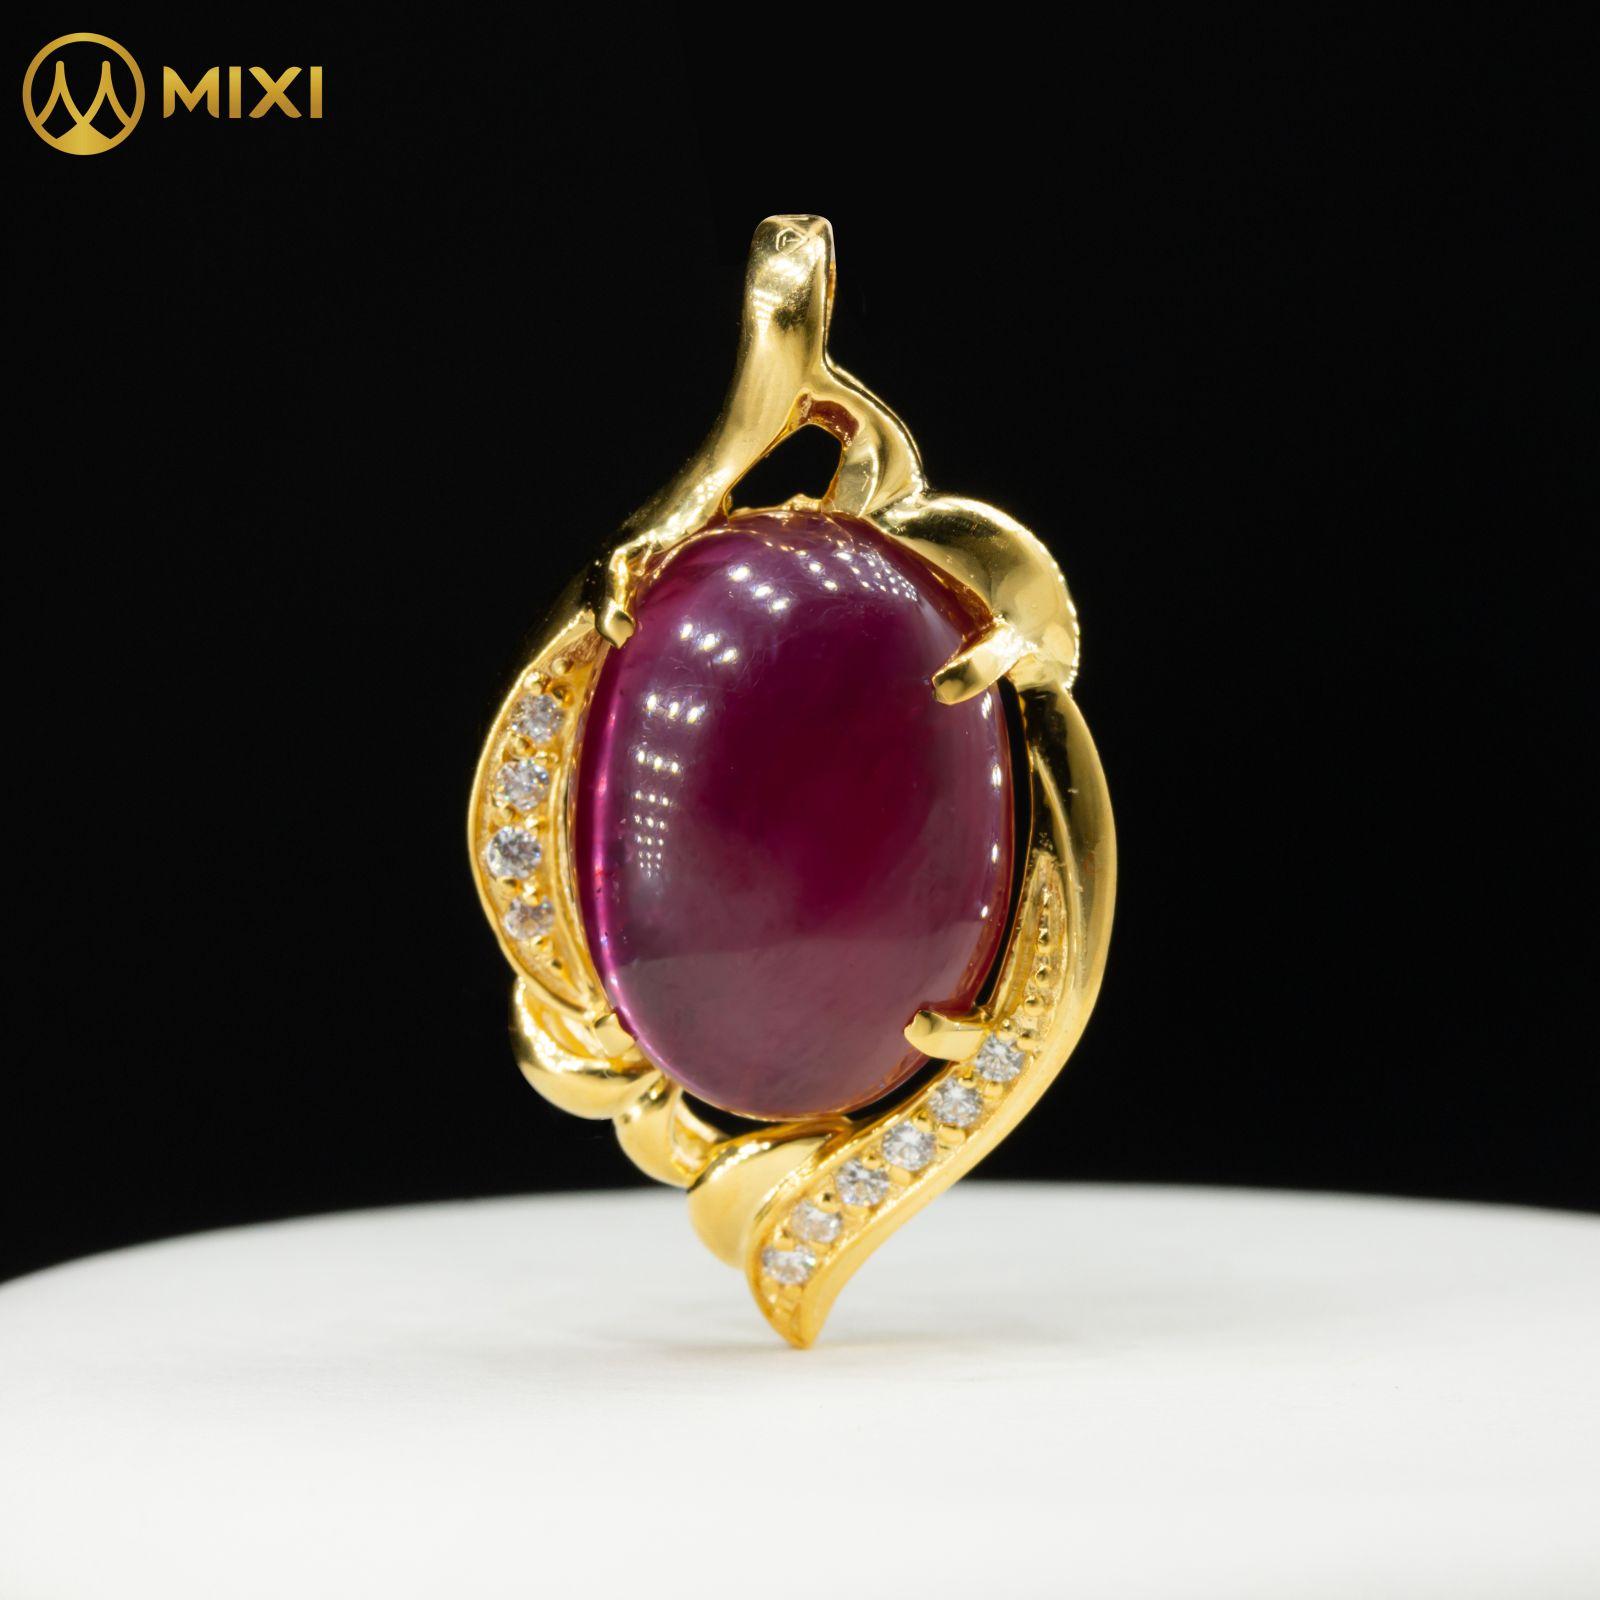 Mặt Dây Ruby 2A Hình Oval Bọc Vàng 10K